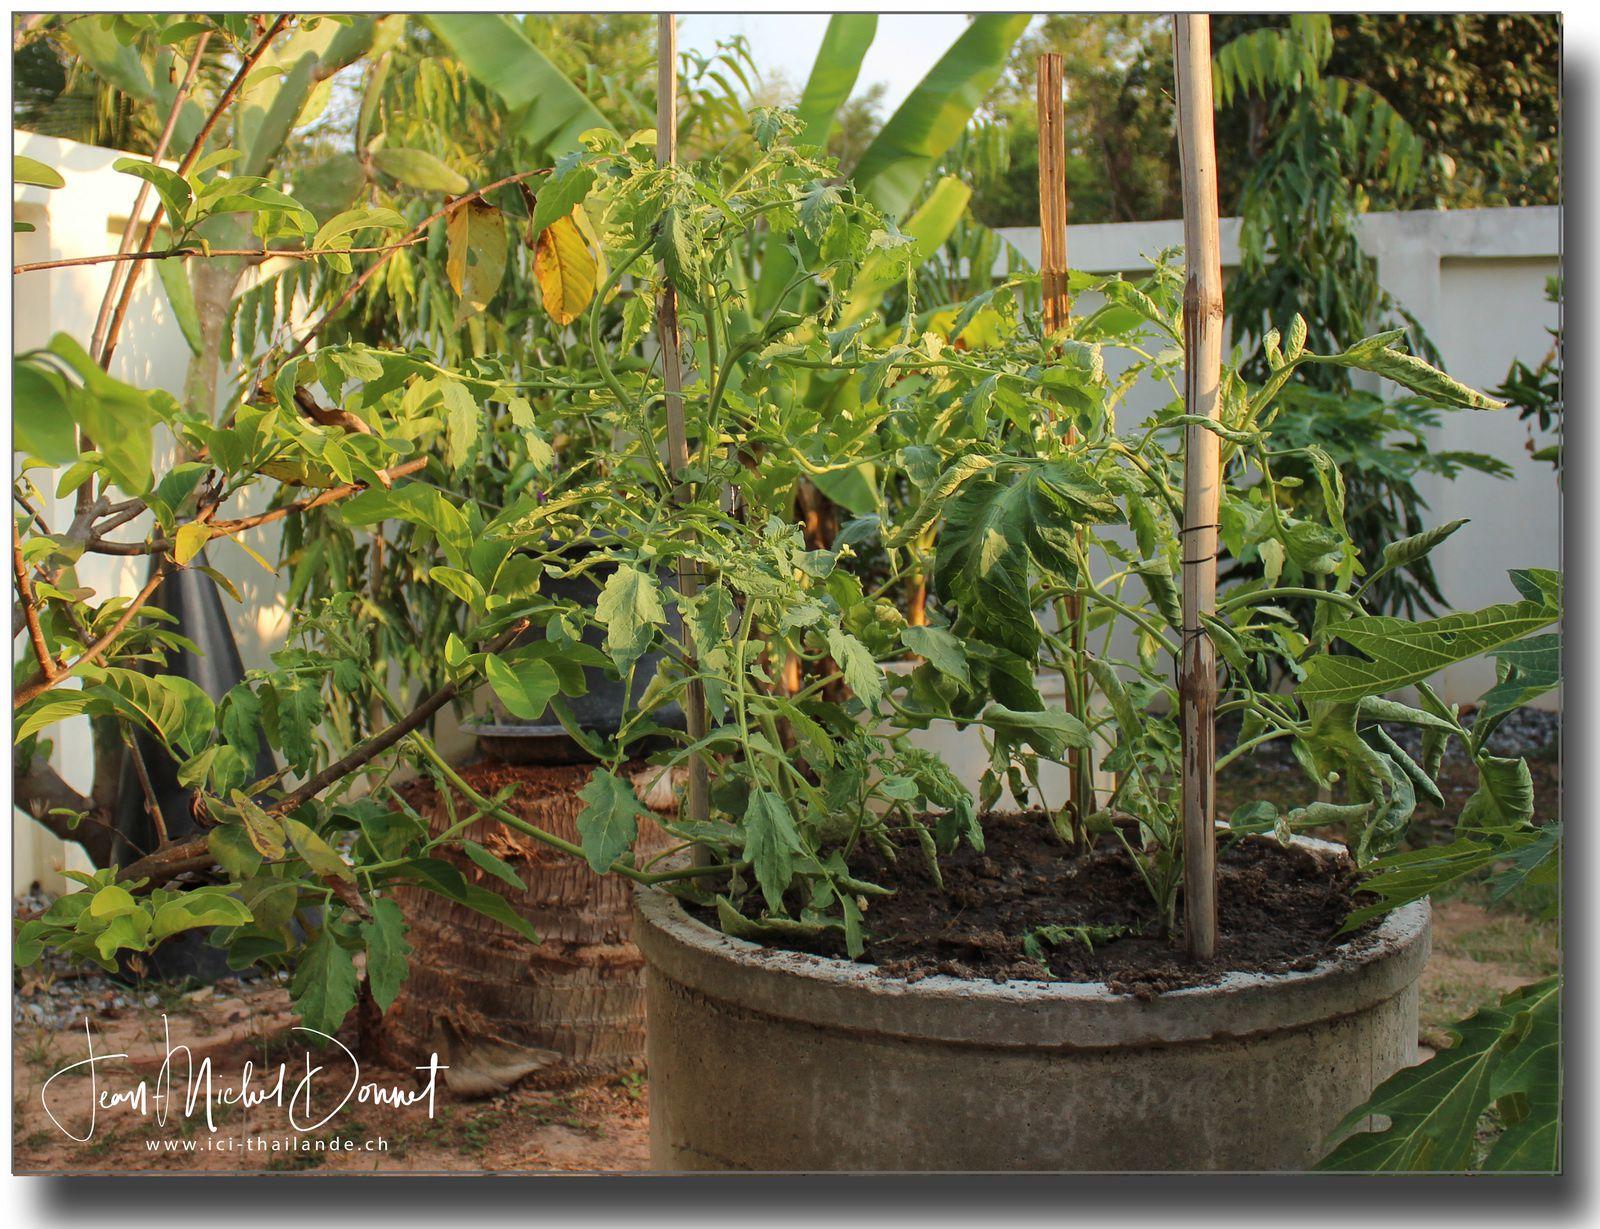 Le potager en ce mois de janvier (Thaïlande)